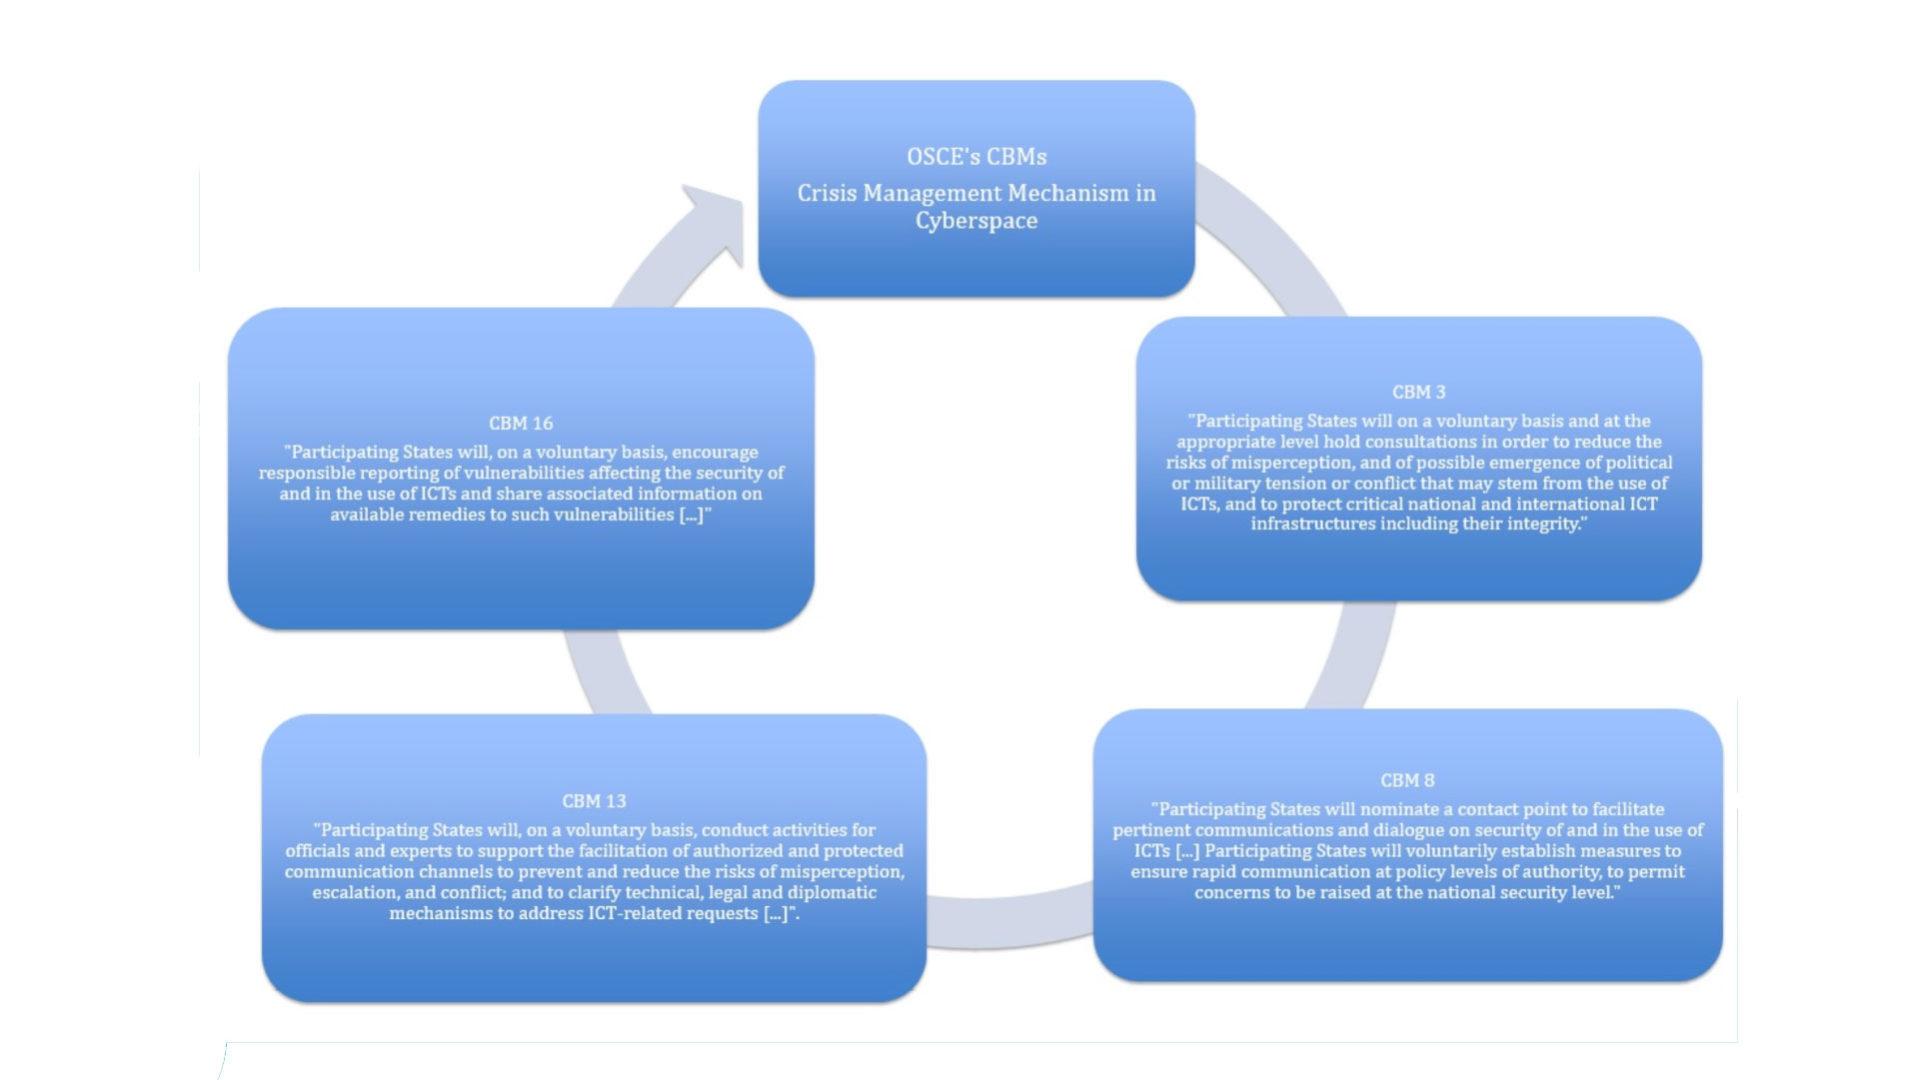 grafico che mostra i meccanismi di crisi nel cyberspace